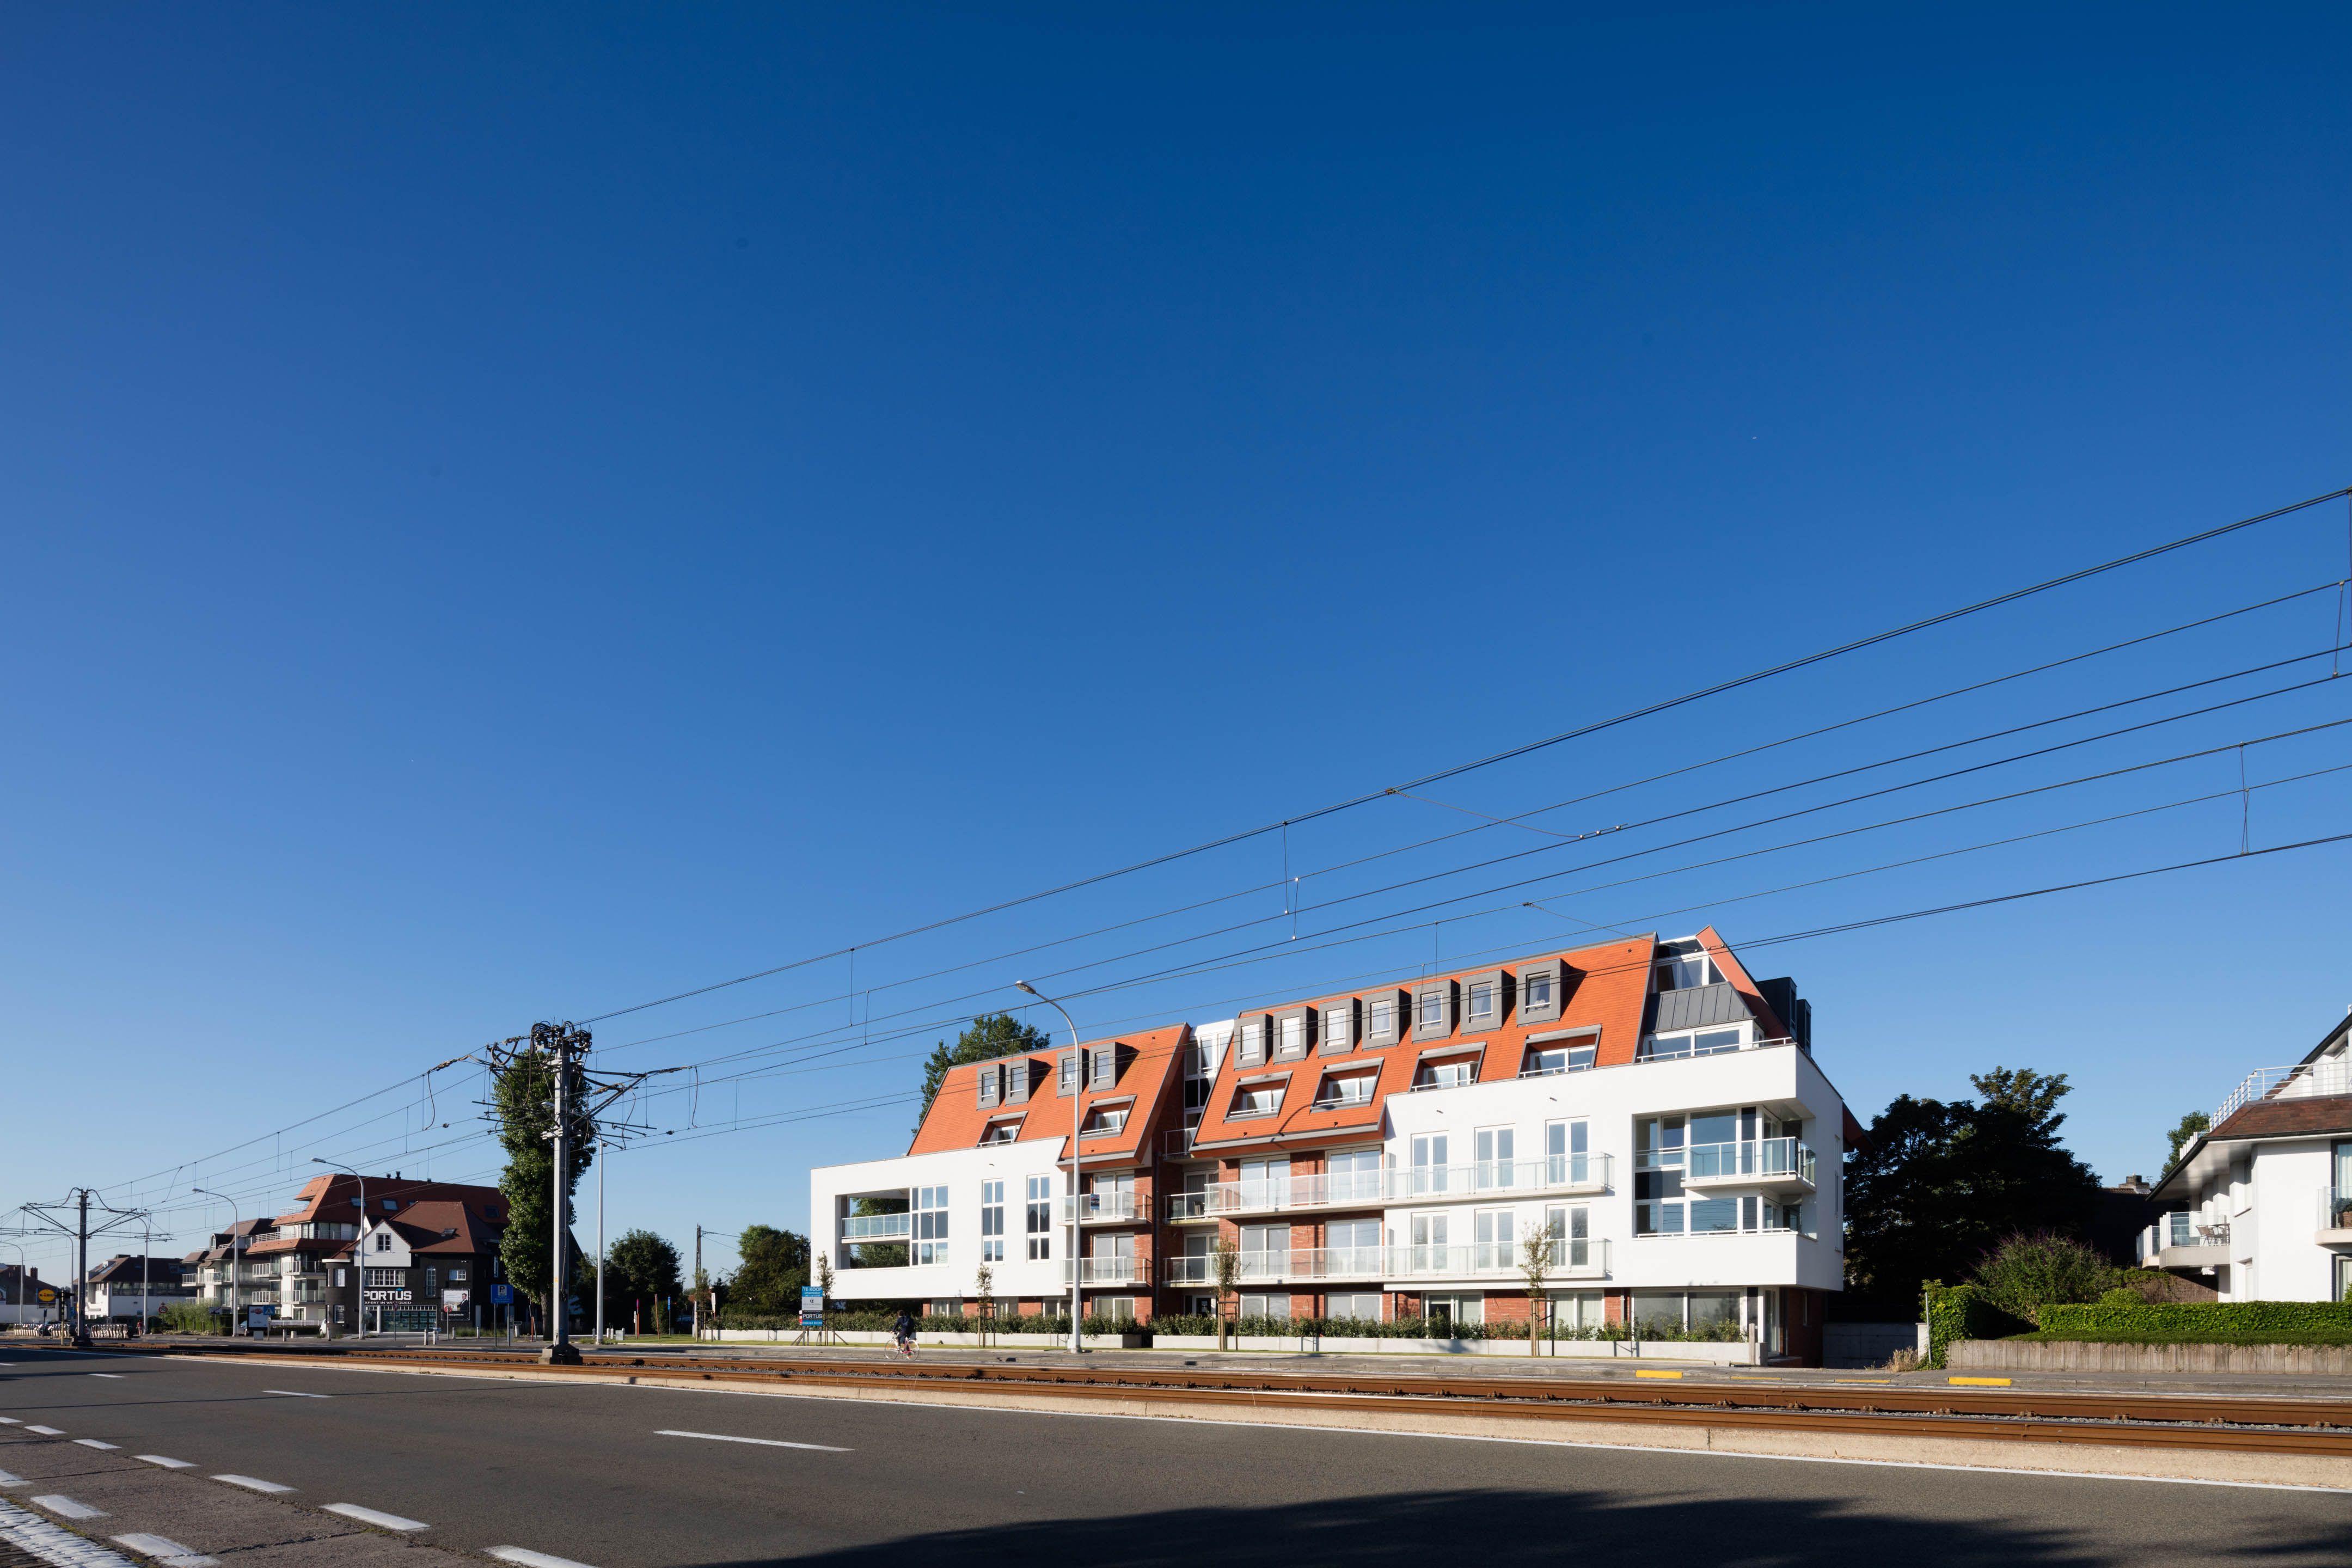 Appartement Residentie Villa Crombez Nieuwpoort - 9289